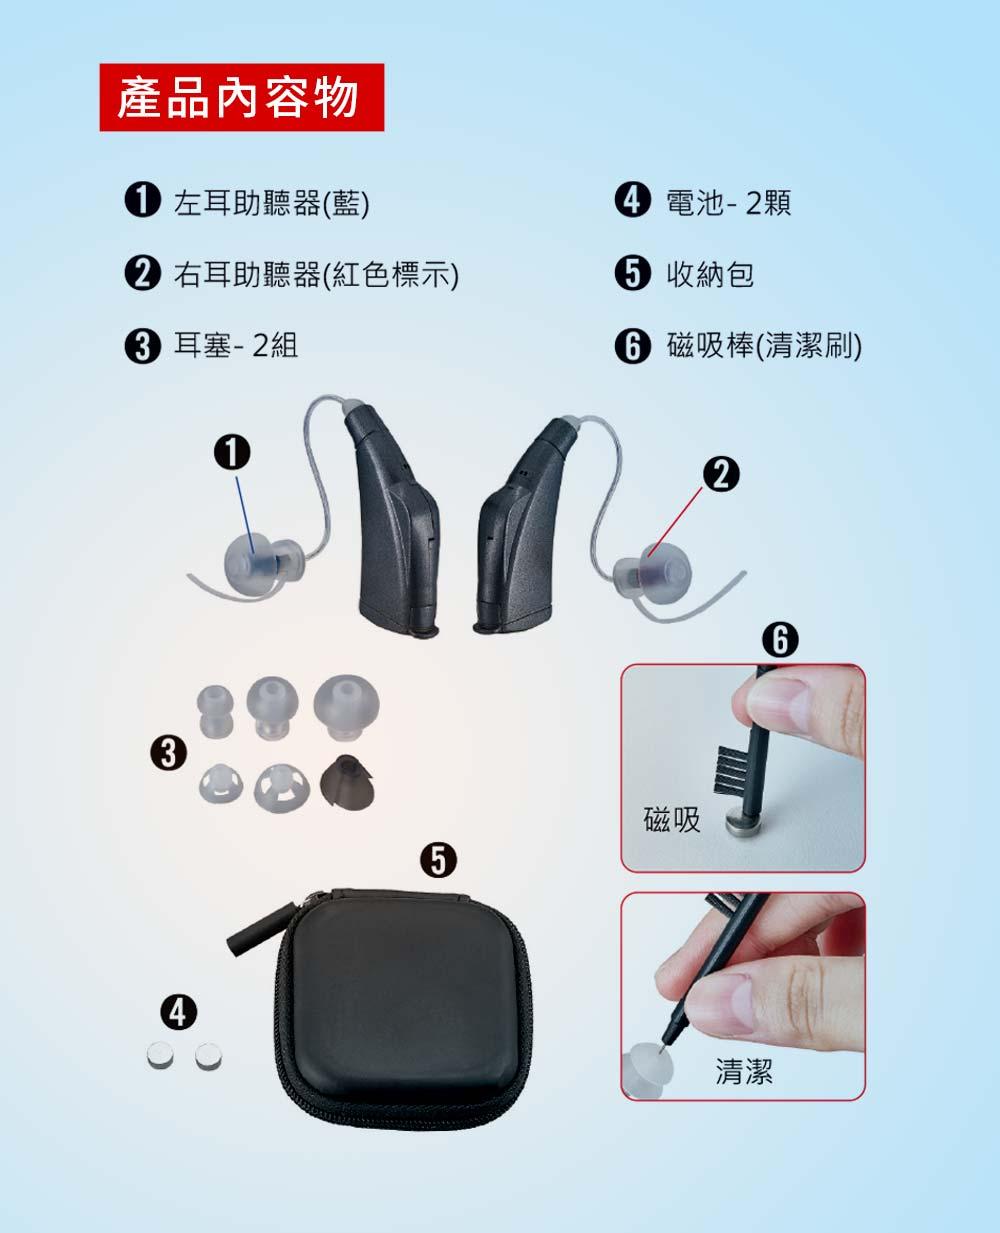 耳寶,R1,補助資訊,助聽器